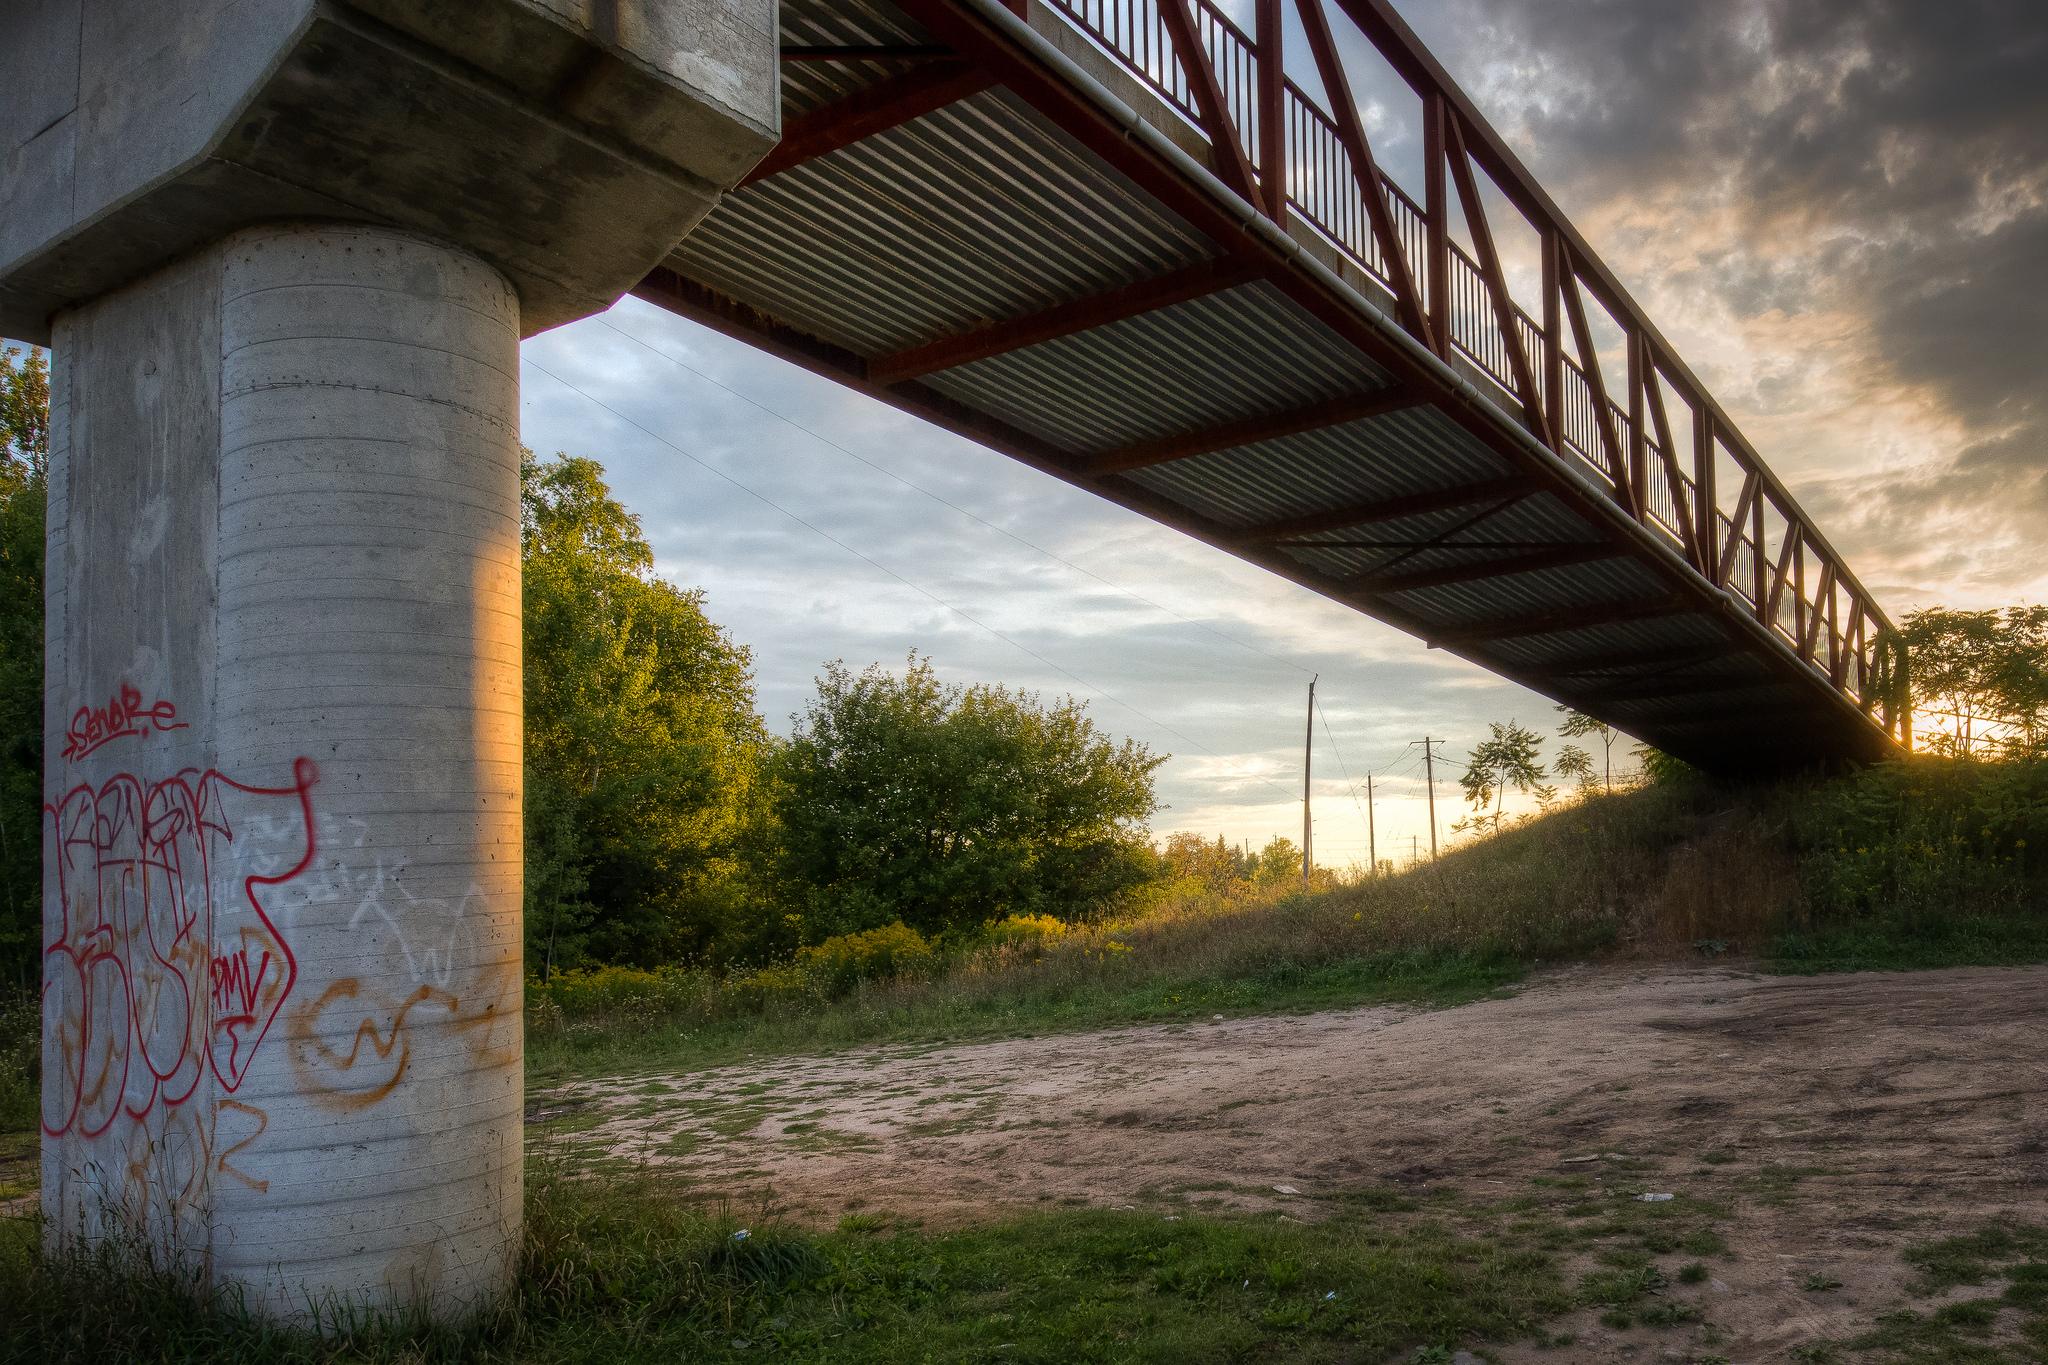 Under the Bridge (1/640s, f/9, ISO1000)